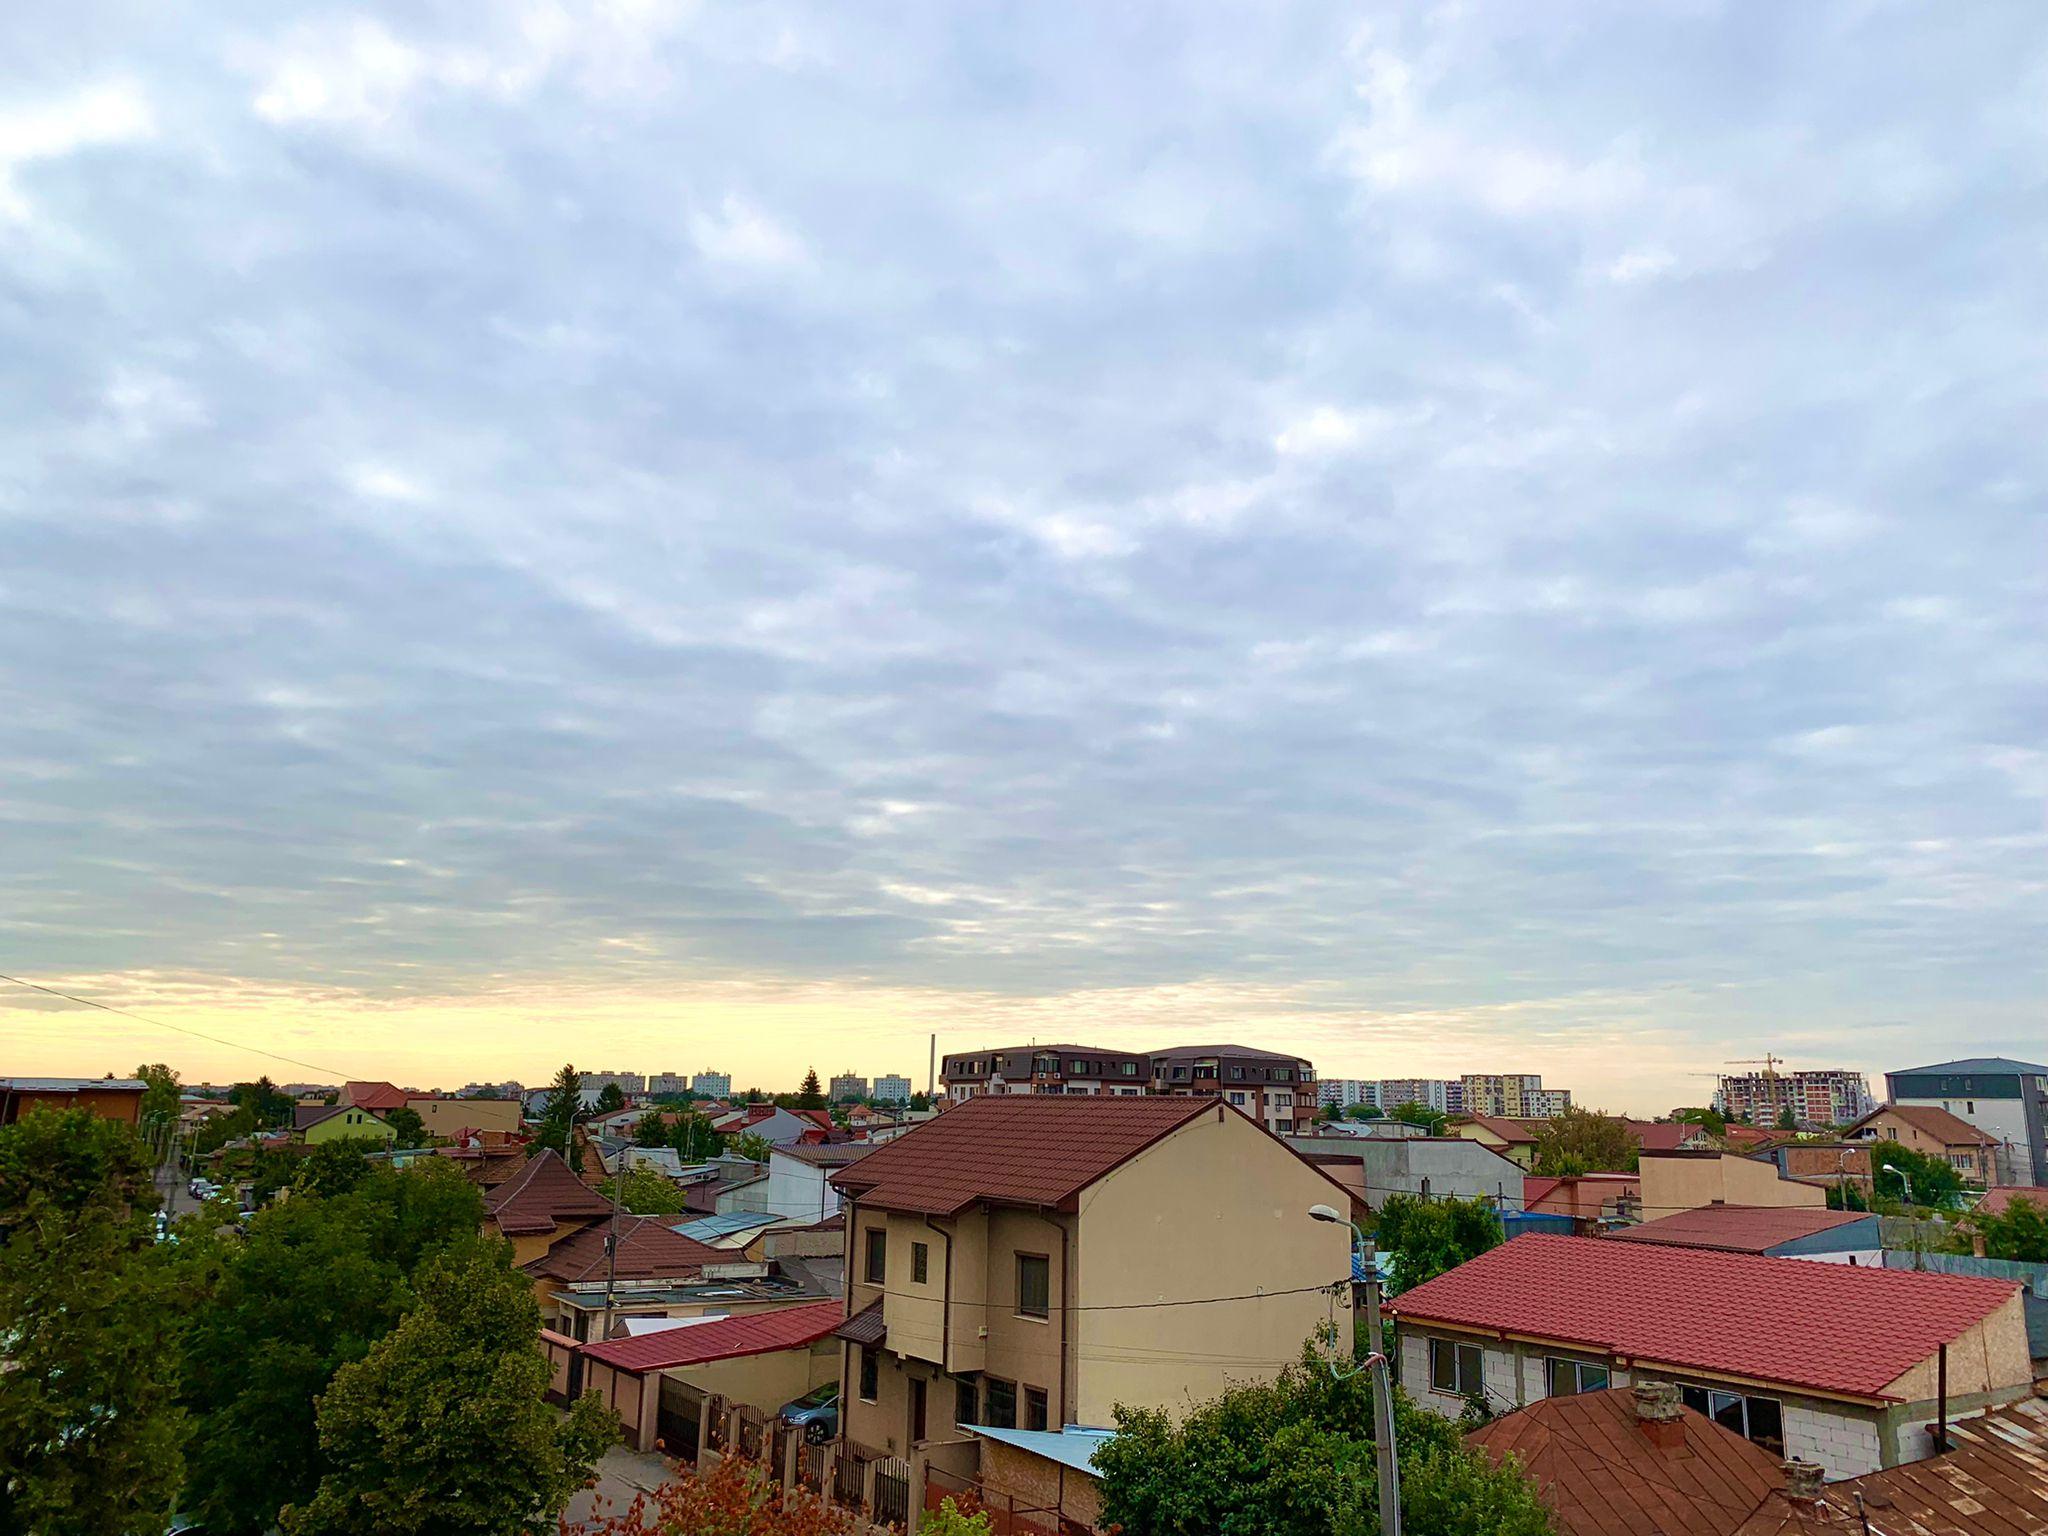 Vremea în București. Luați-vă jachetele, este răcoare afară